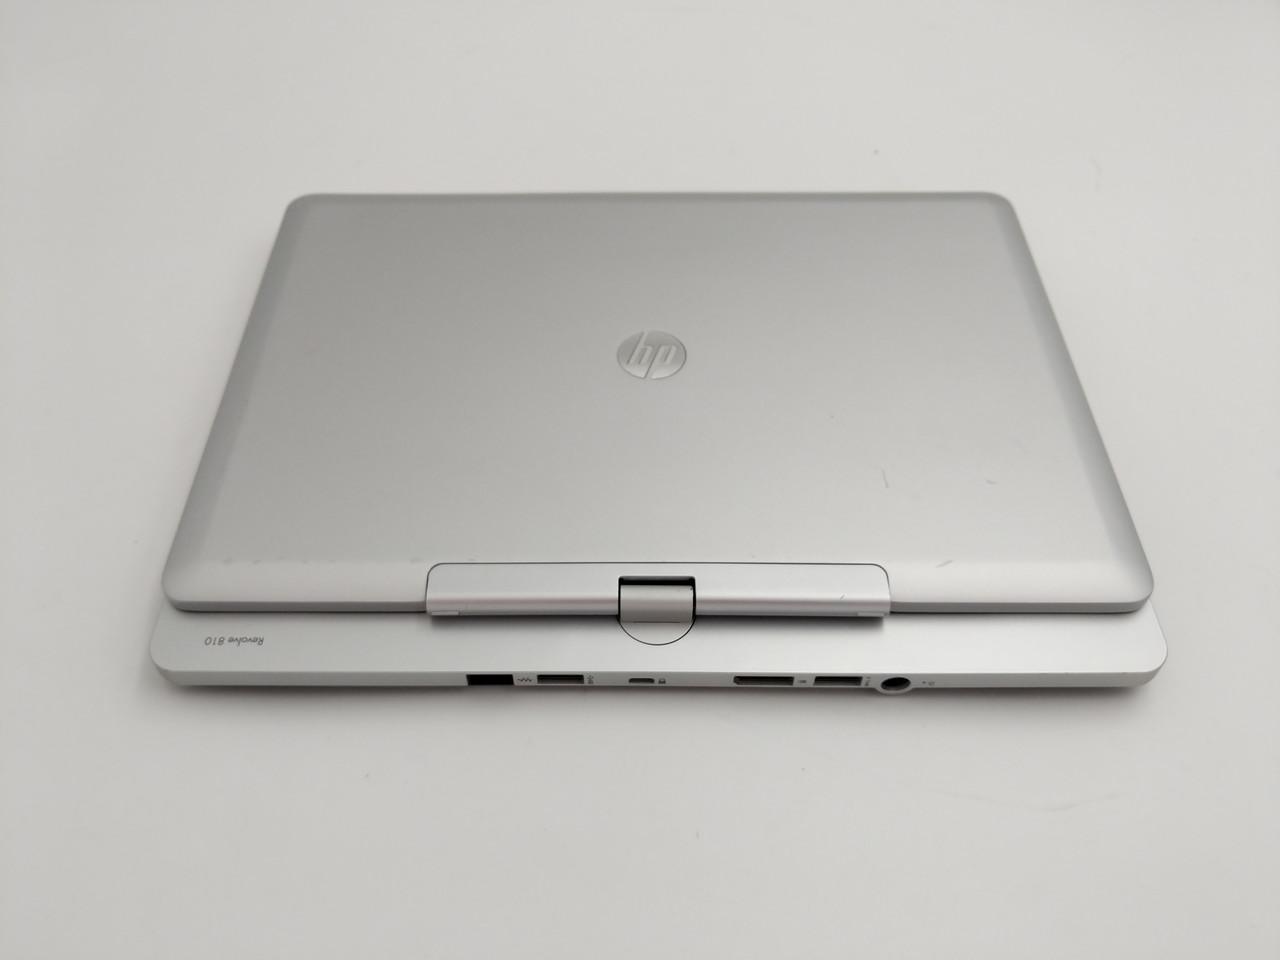 Б/У HP Elitebook Revolve 810 G1 11,6″  i5-3437U /DDR3 8 Gb /SSD Нет в наличии 7